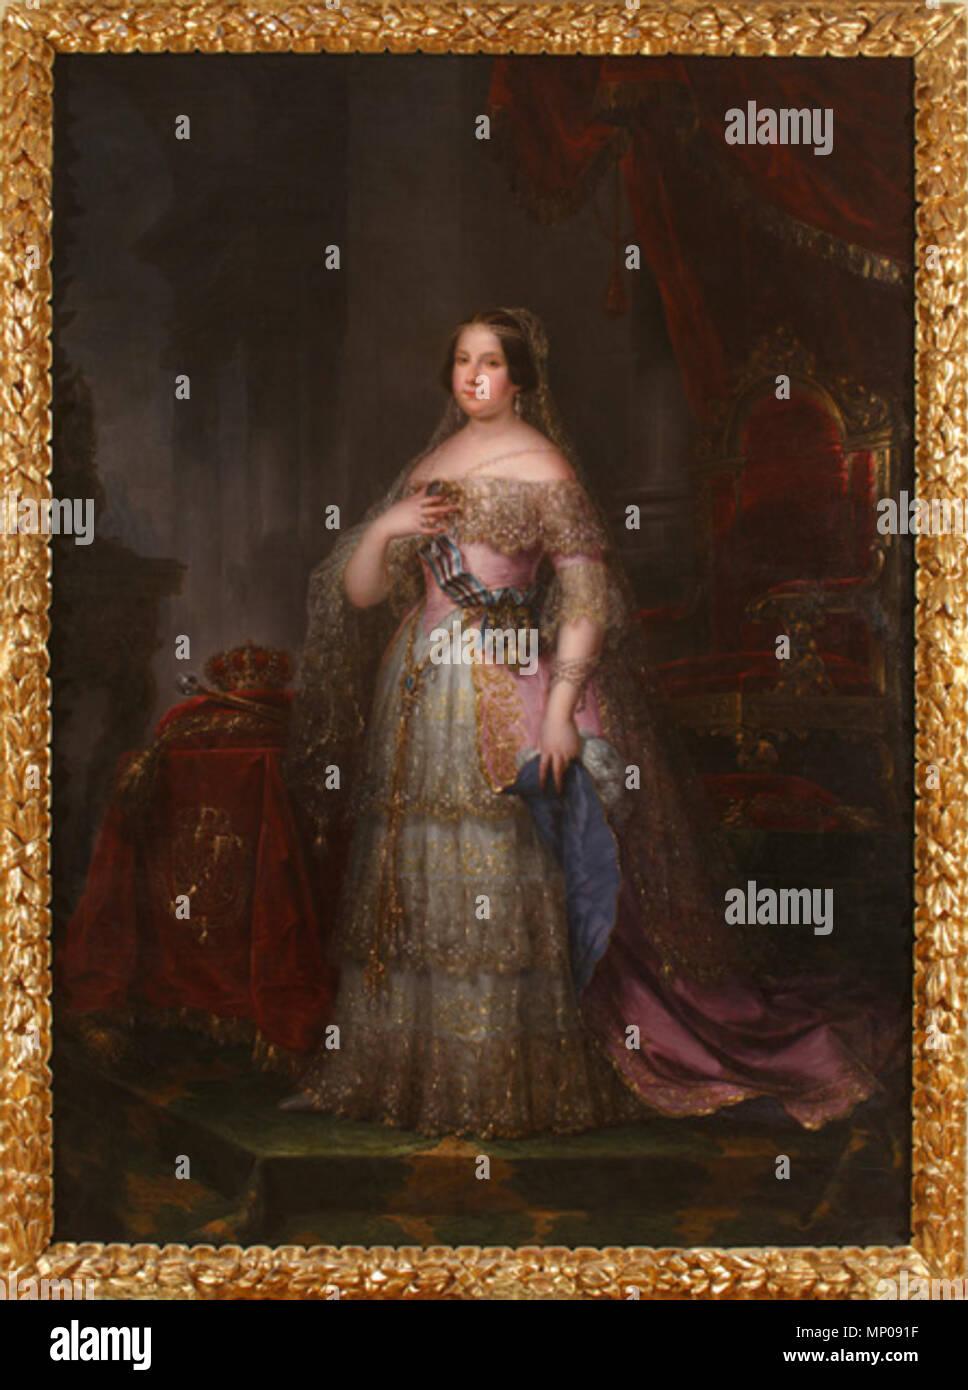 MNR CE0871 913 Museo del Romanticismo - CE0871 - Isabel II Immagini Stock